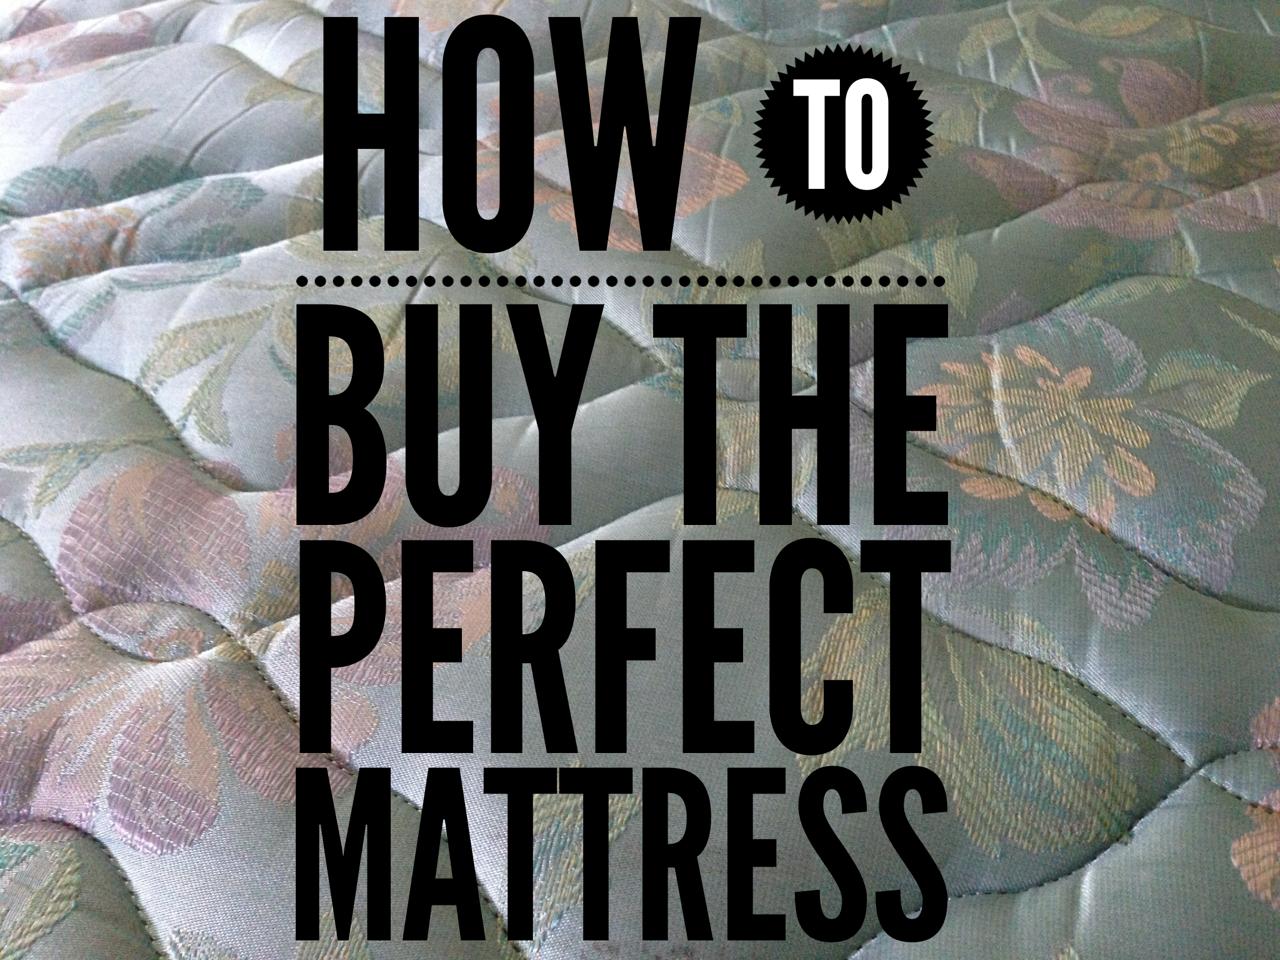 mattress buyers checklist